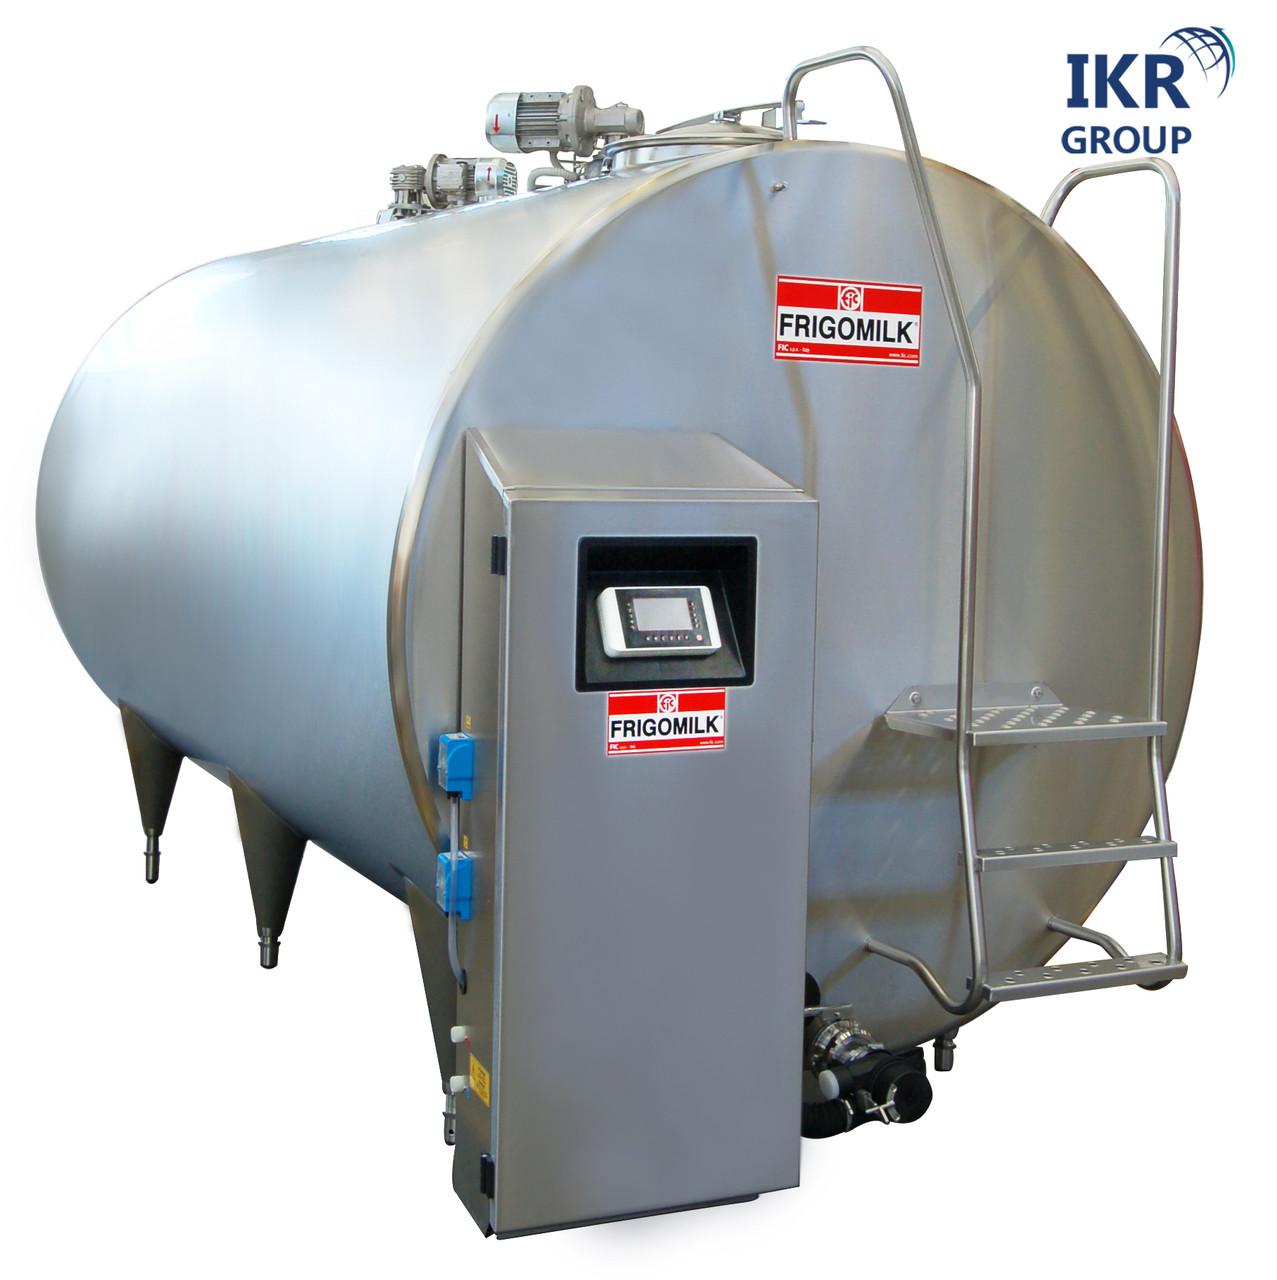 Танк охладитель молока новый Frigomilk G9 объемом 12000 литров